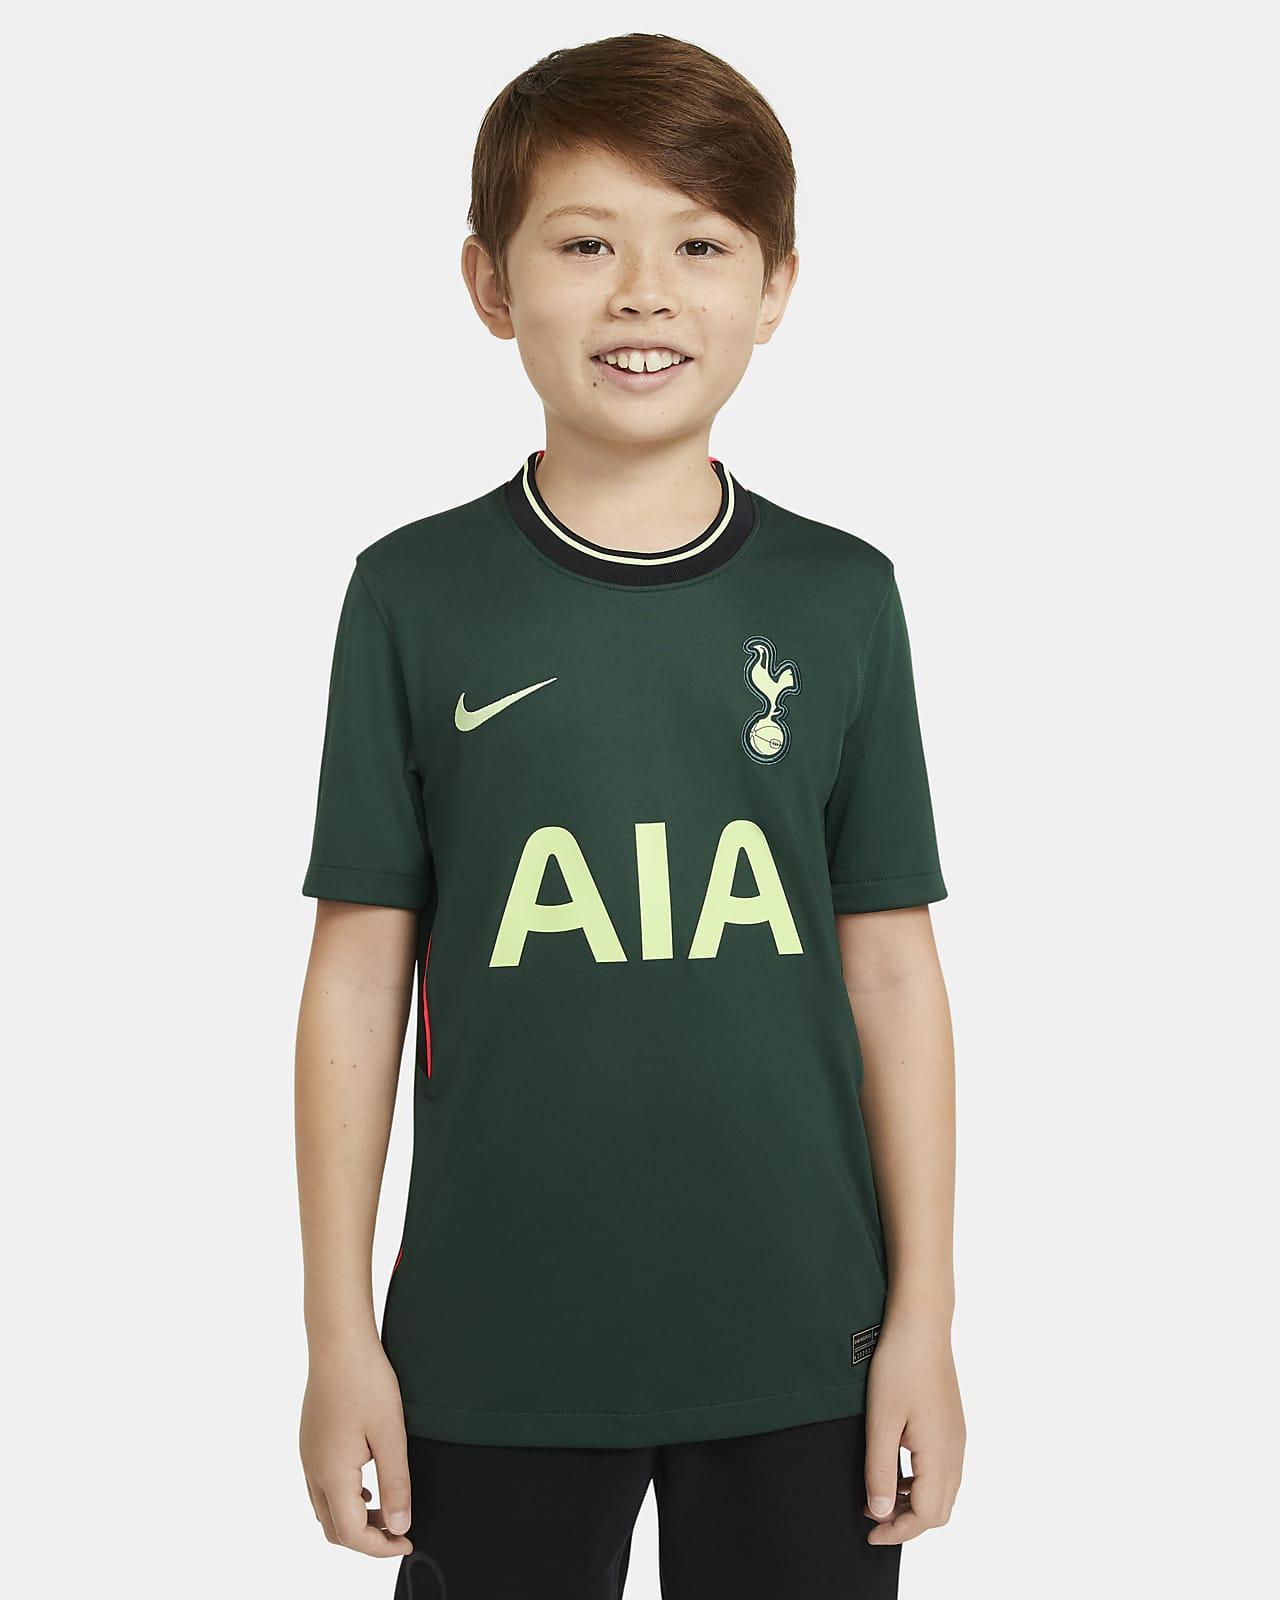 Tottenham Hotspur 2020/21 Stadium idegenbeli futballmez nagyobb gyerekeknek